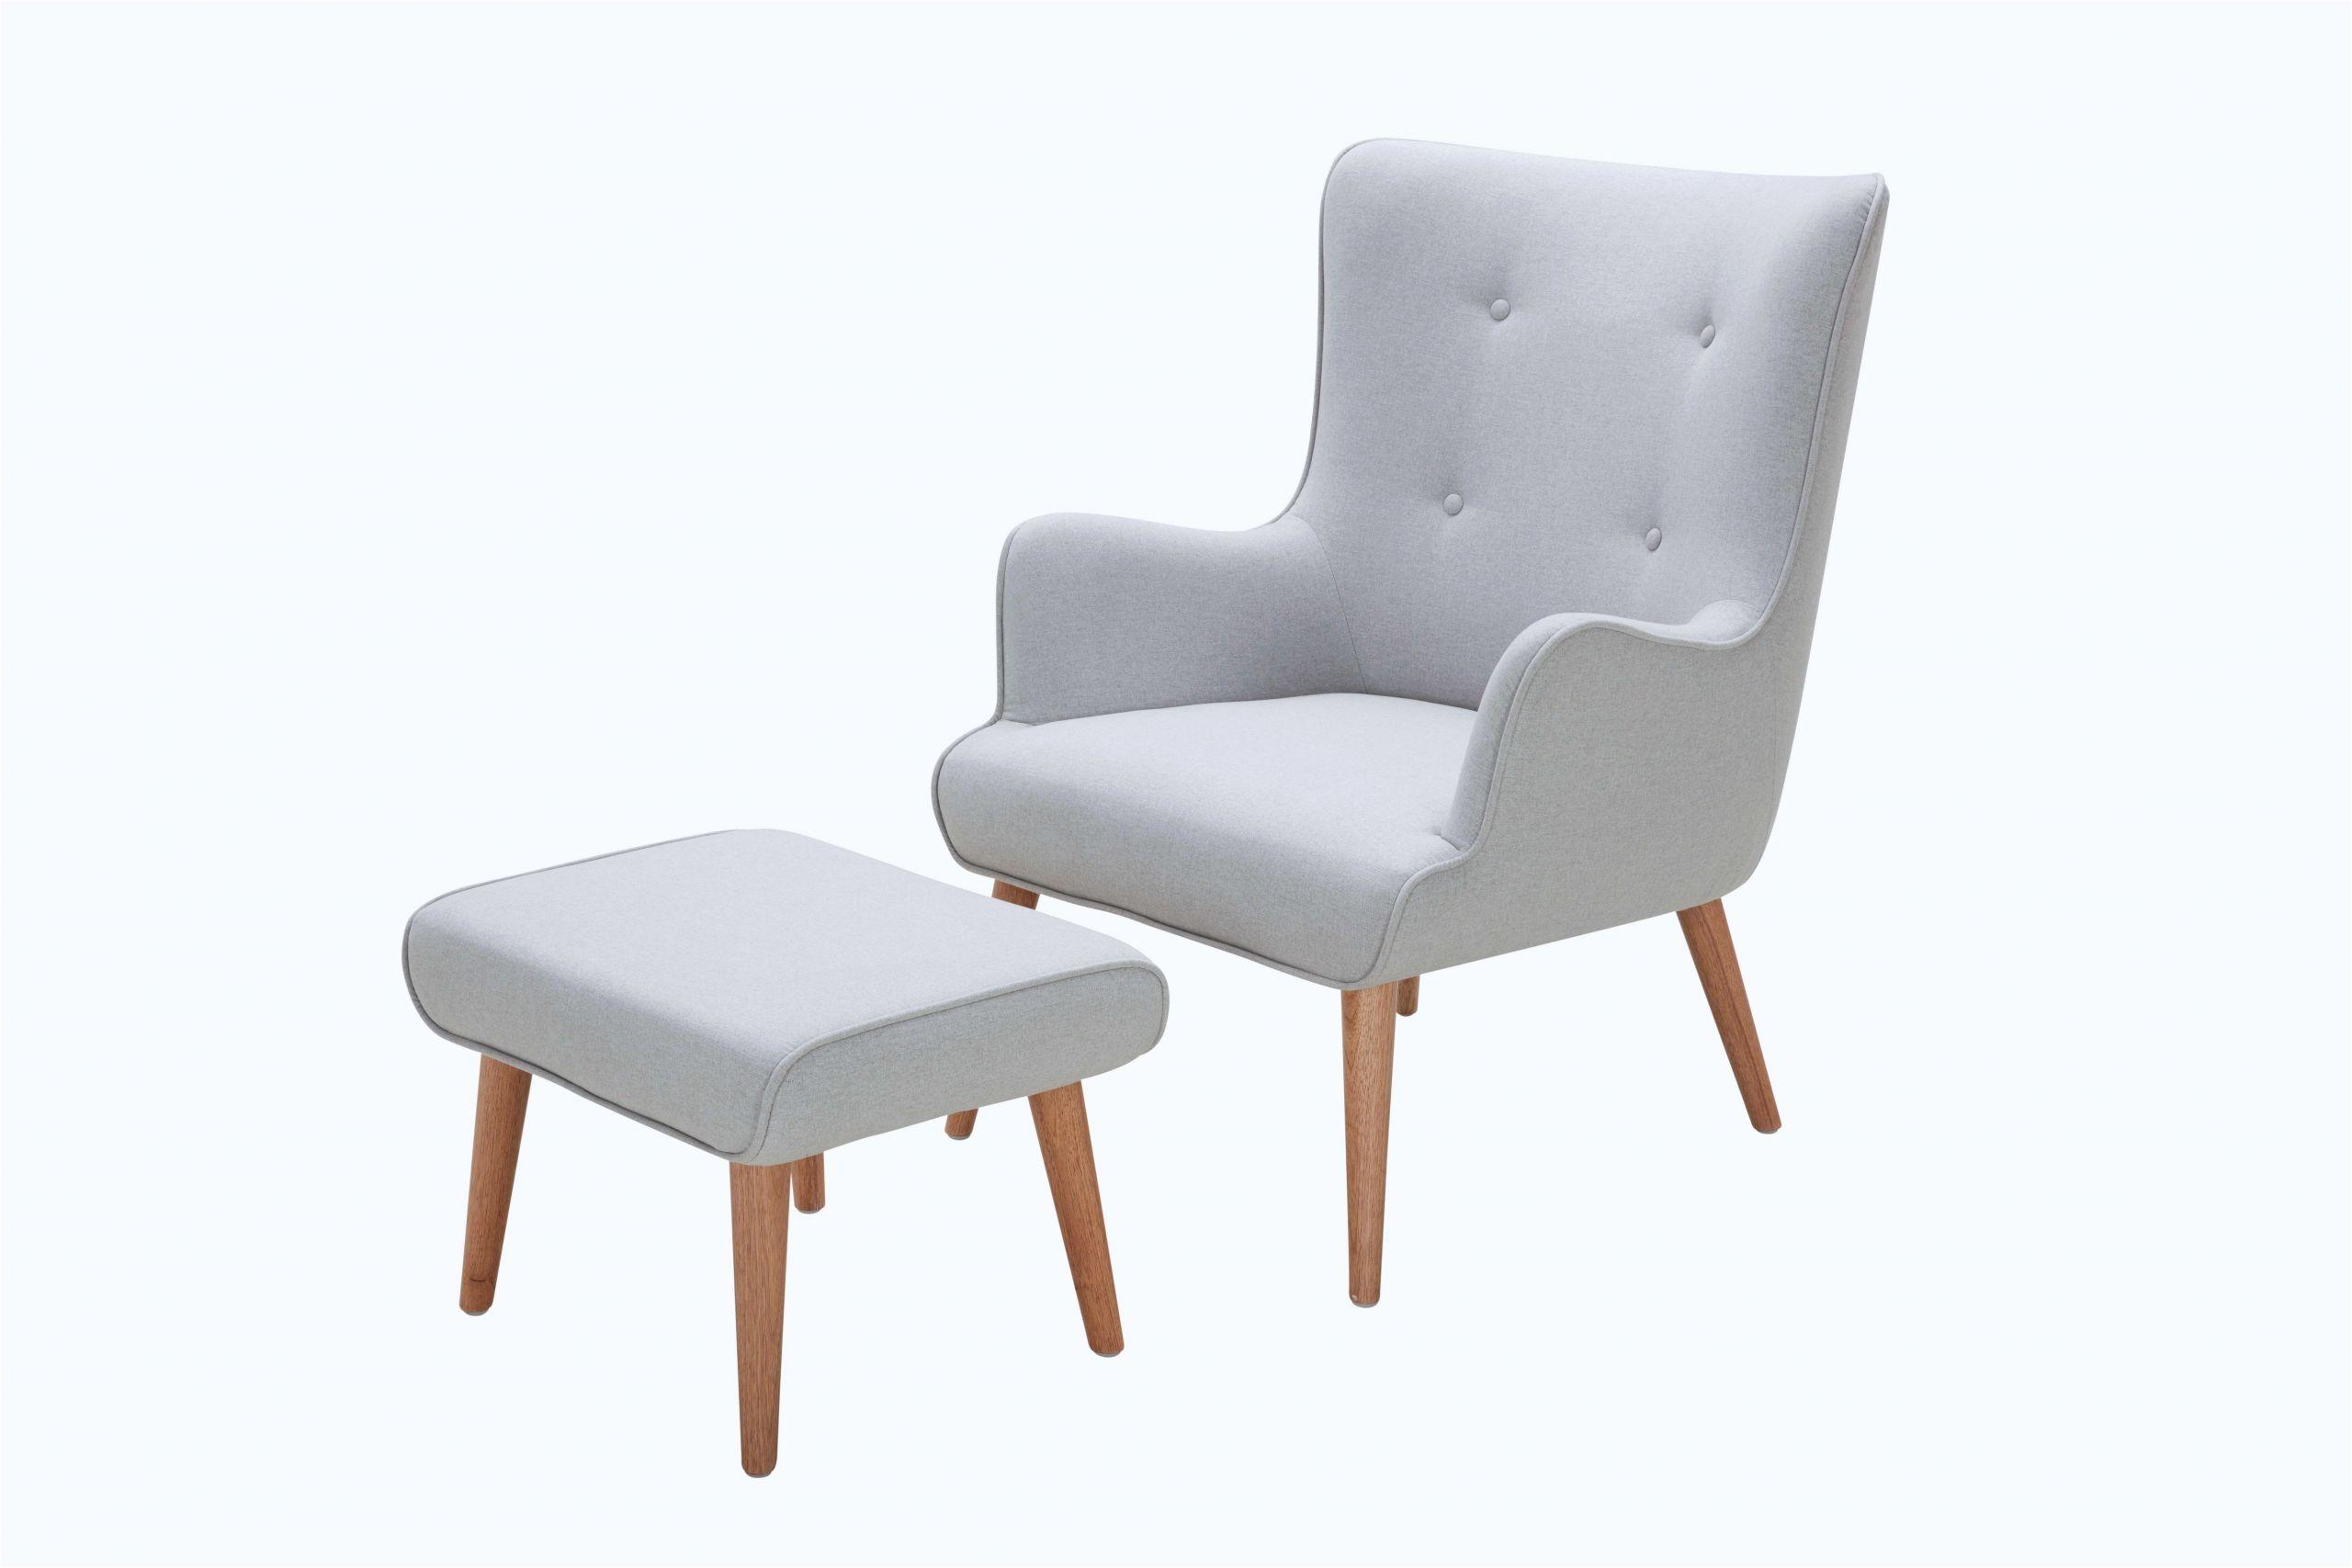 chaise scandinave noir pas cher luxe etonnant fauteuil en osier pas cher of chaise scandinave noir pas cher